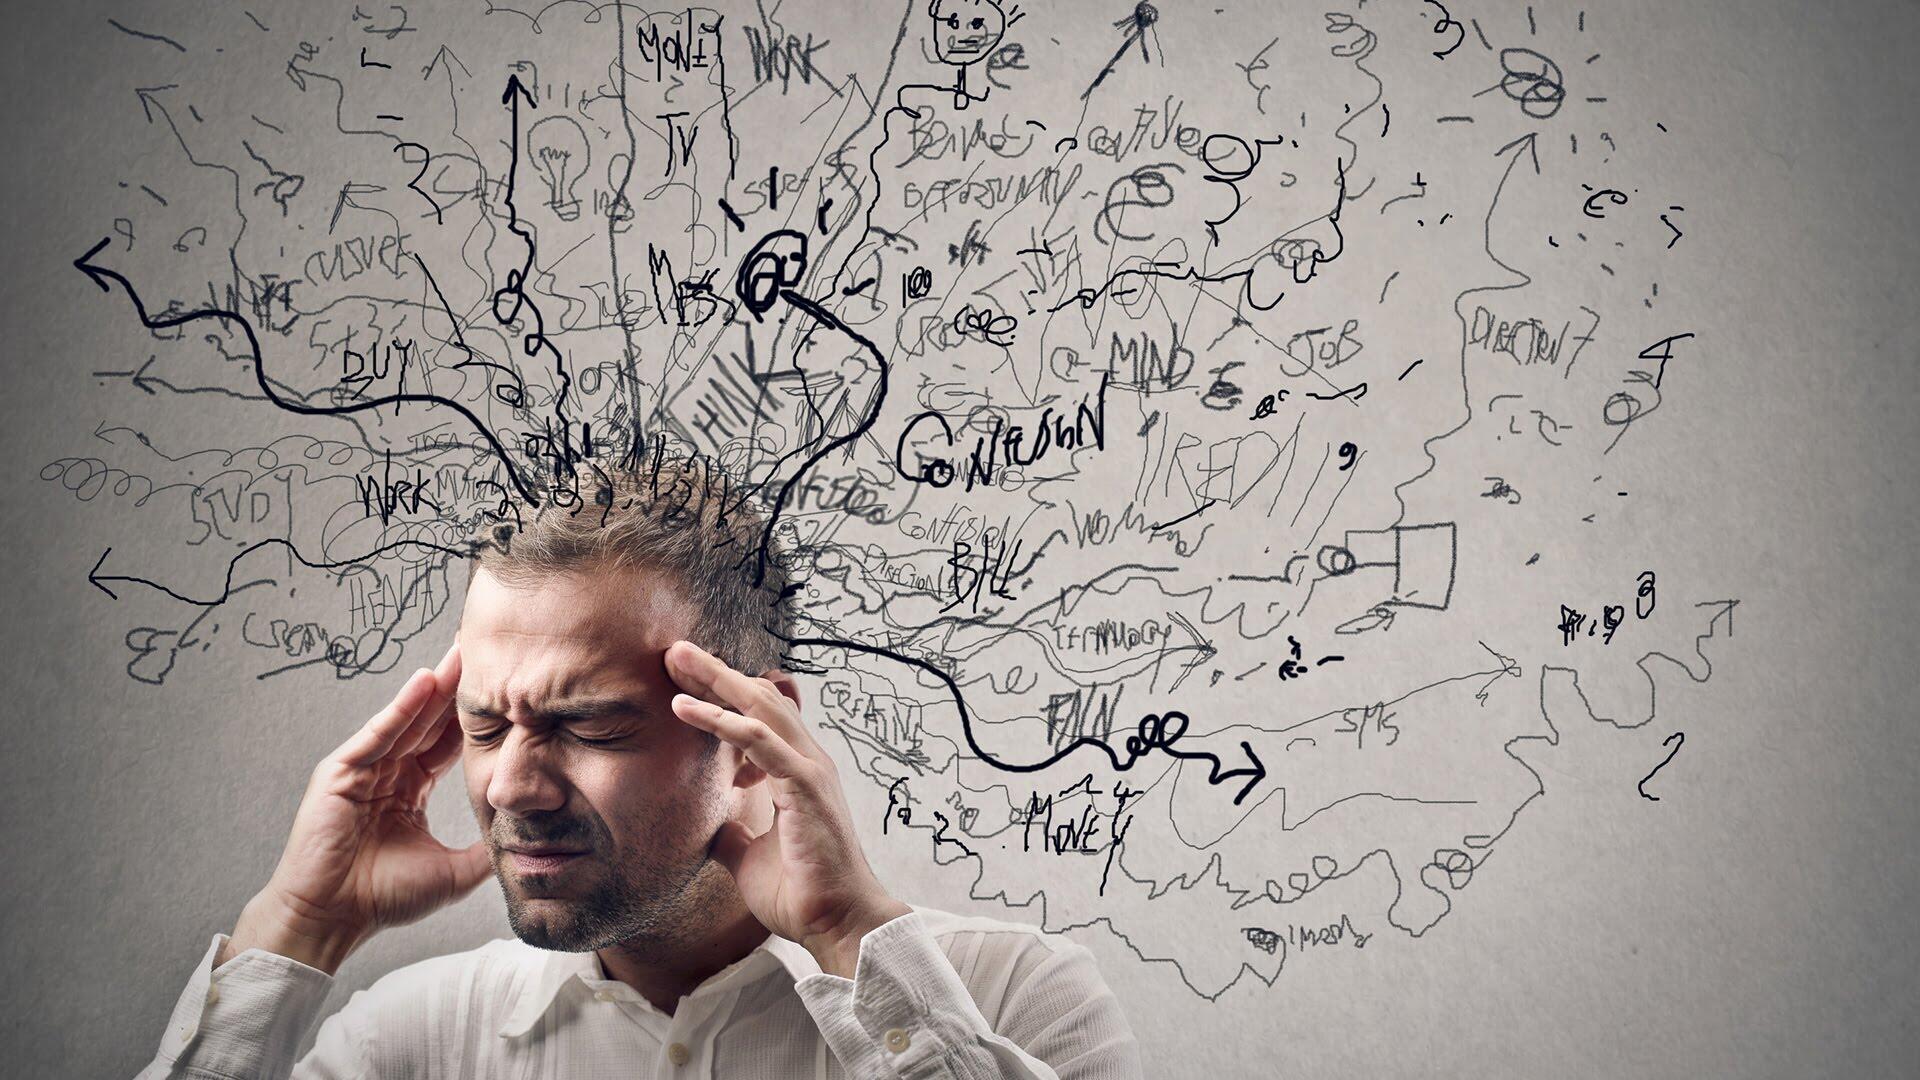 الأزمة الإقتصادية ترفع نسبة الامراض النفسية الجسدية